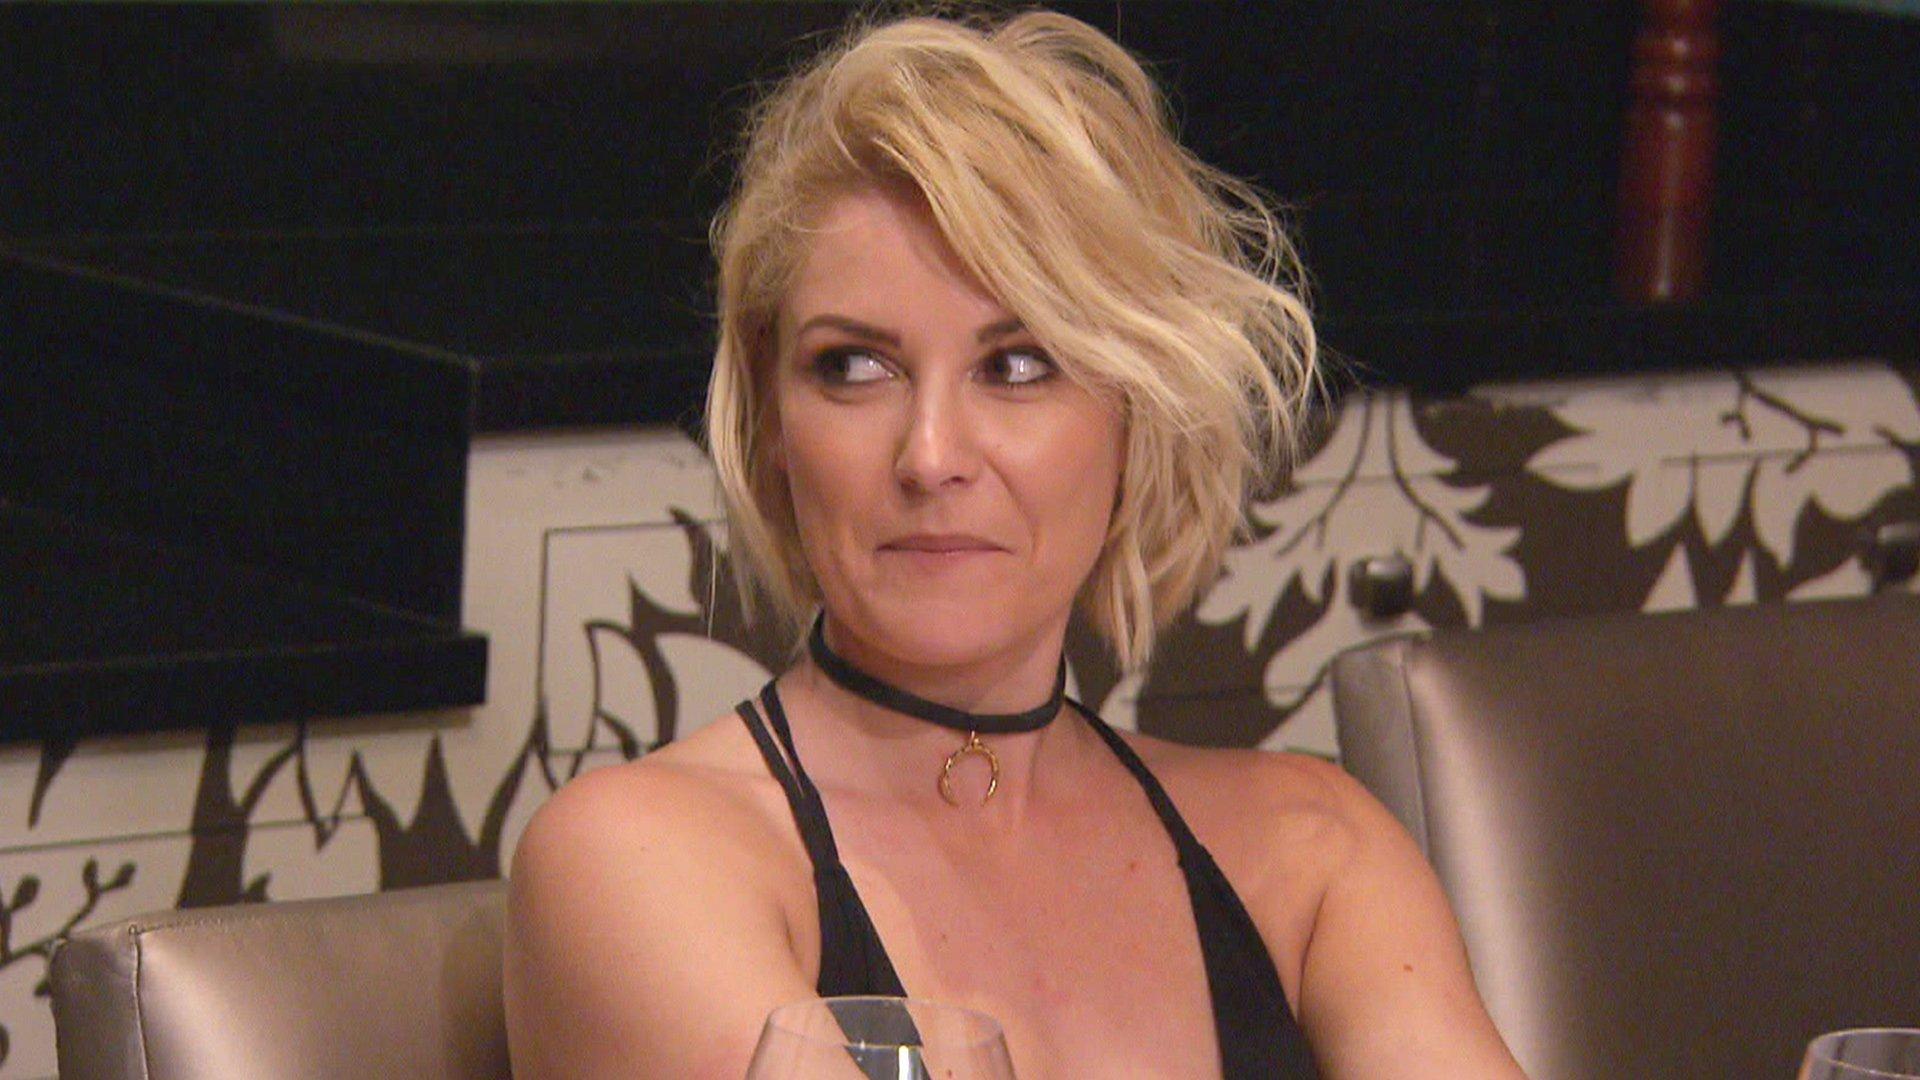 Total Divas - Season 6, Episode 9: photos